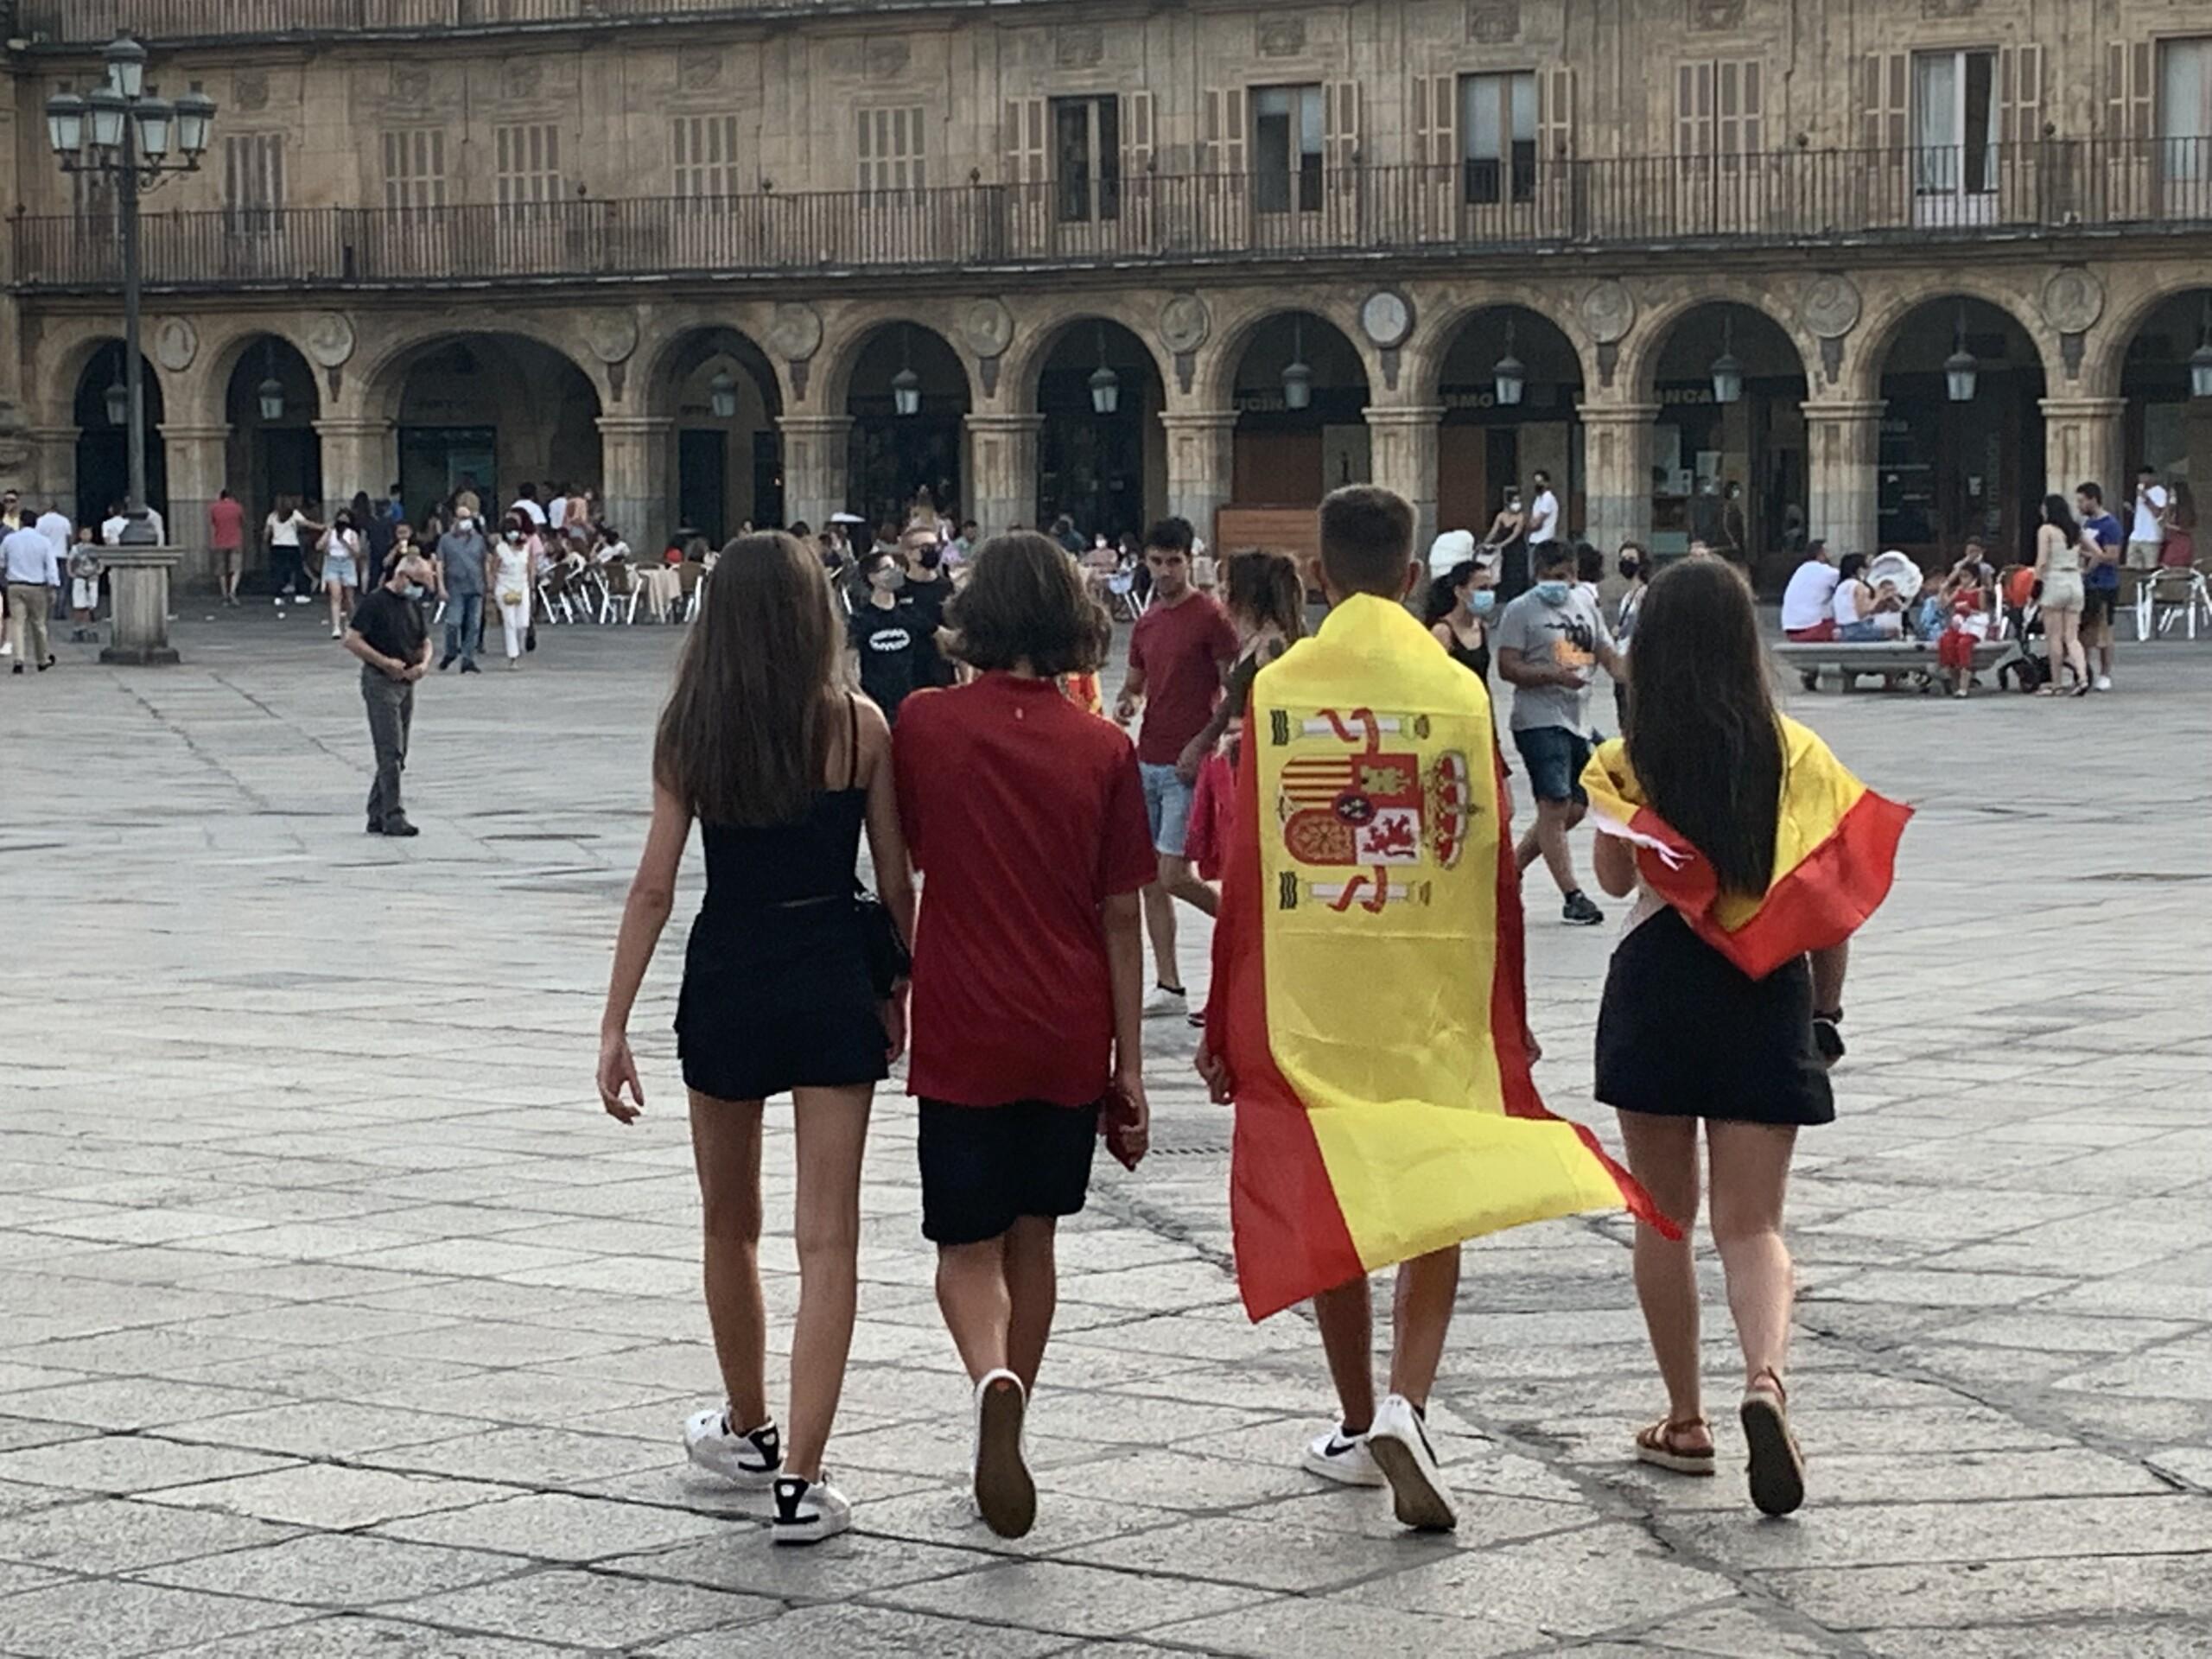 Jóvenes con banderas de España paseando por la Plaza Mayor de Salamanca.